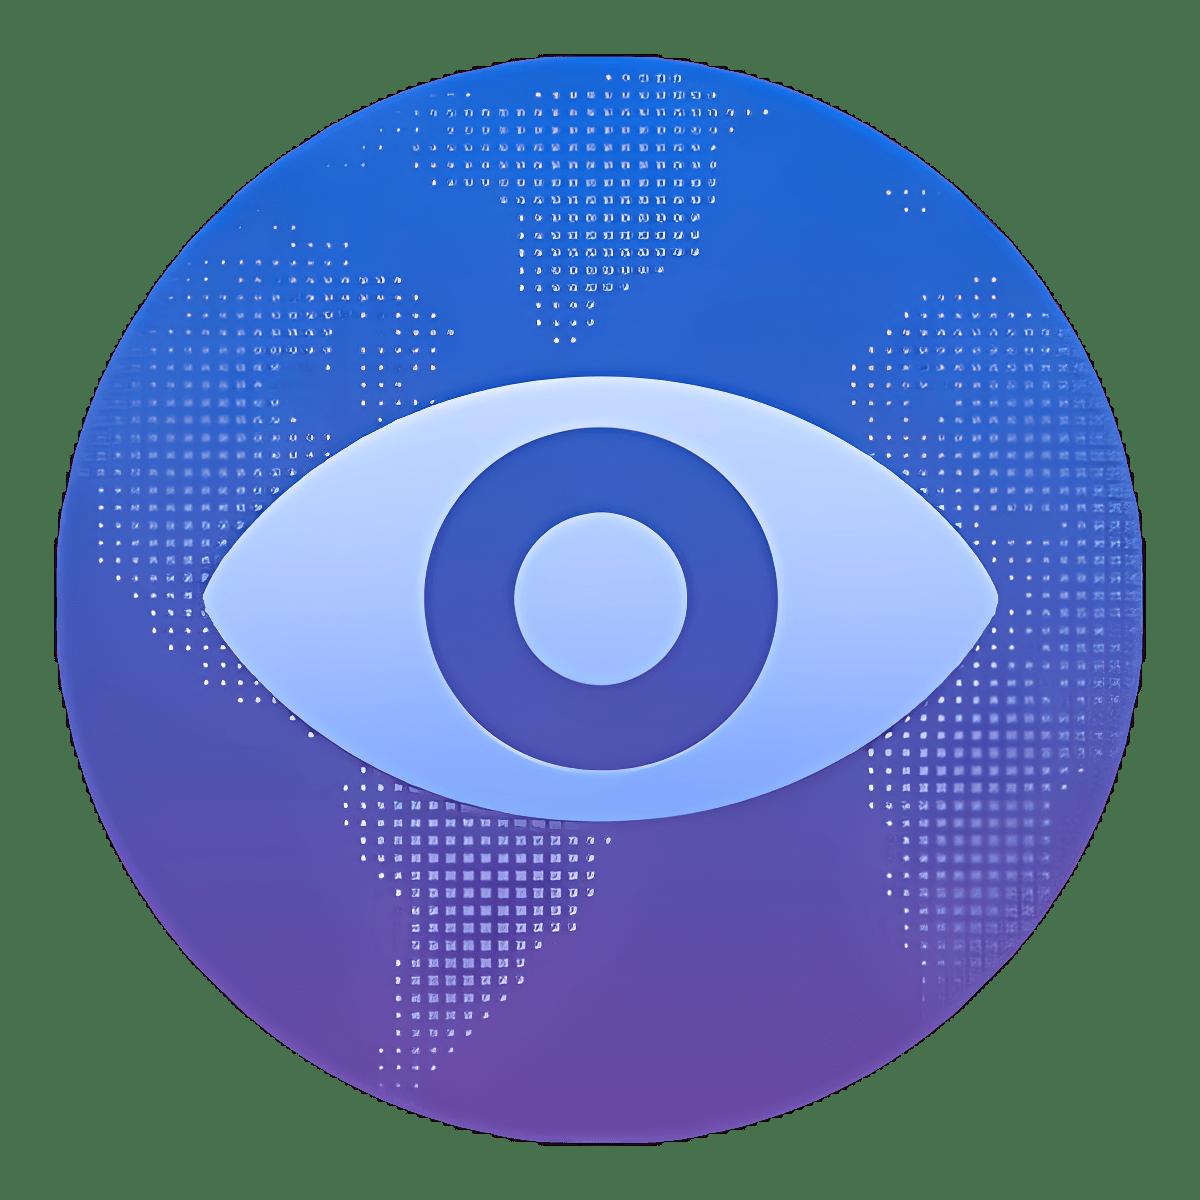 Monitor de Teléfono Celular 4.3.0.0